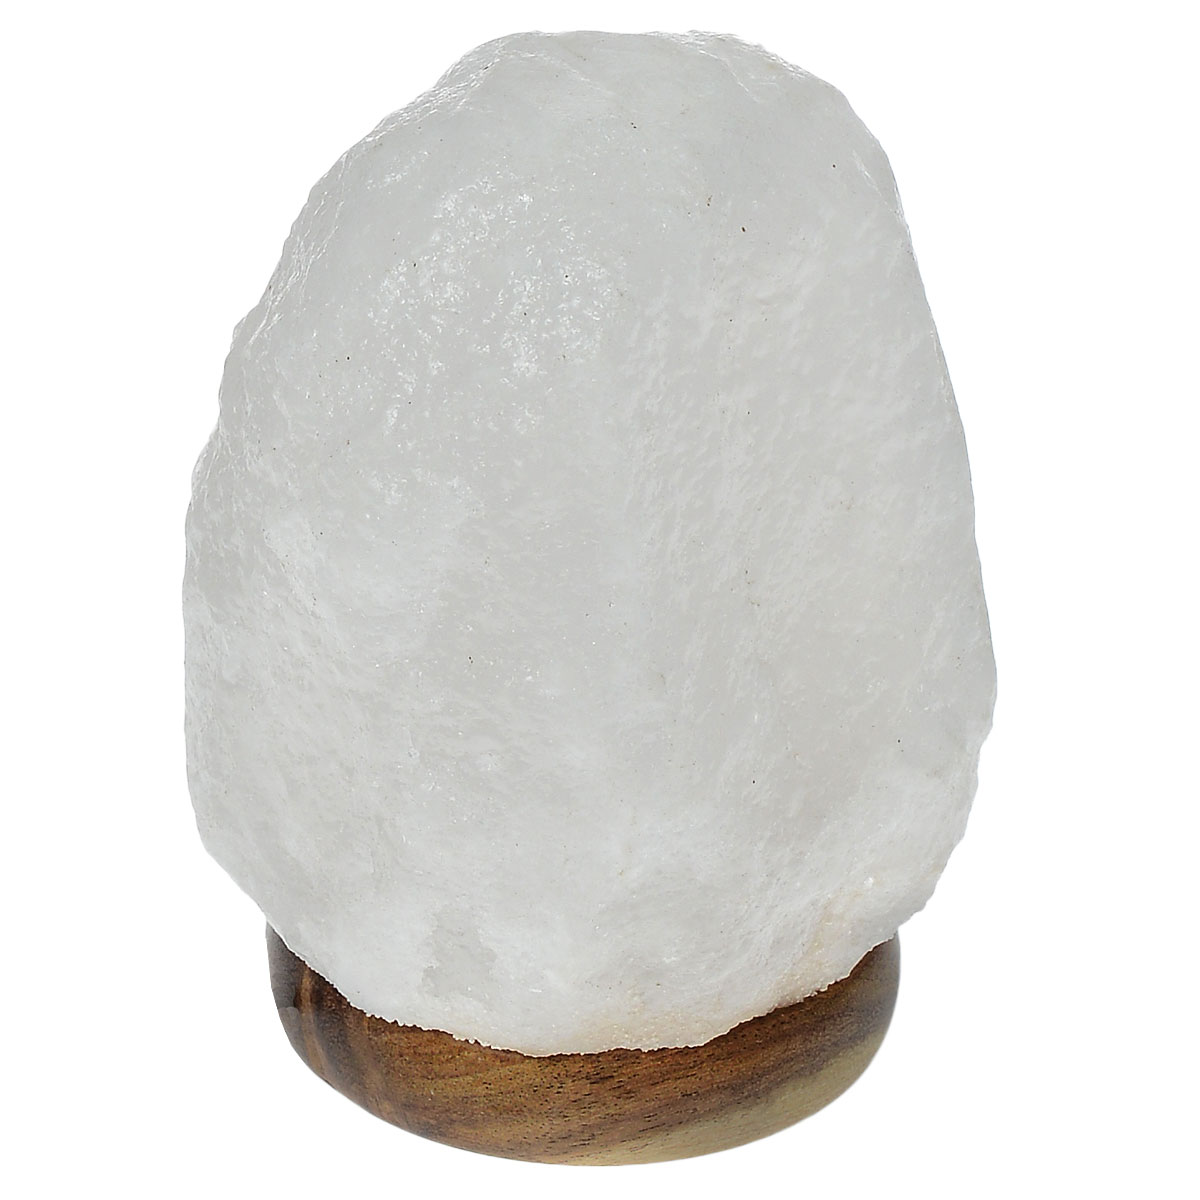 Лампа солевая Zenet Скала. 700700Лампа Zenet Скала, изготовленная из природной каменной соли, работает от USB-порта. Материал плафона лампы - натуральная гималайская соль из Пакистана. Соль в холодном состоянии обладает способностью поглощать влагу из воздуха, а при нагреве выделять влагу. Источником света в лампе служит электрическая лампочка (входит в комплект). Изделие имеет деревянную подставку.Солевая лампа станет не только прекрасным элементом интерьера, но и мягким природным ионизатором, который принесет в ваш дом красоту, гармонию и здоровье. Преимущества очищения воздуха каменной солью:- облегчение головной боли при мигрени, - повышение уровня серотонина в крови, - уменьшение тяжести приступов астмы, - укрепление иммунной системы и снижение уязвимости к простуде и гриппу.